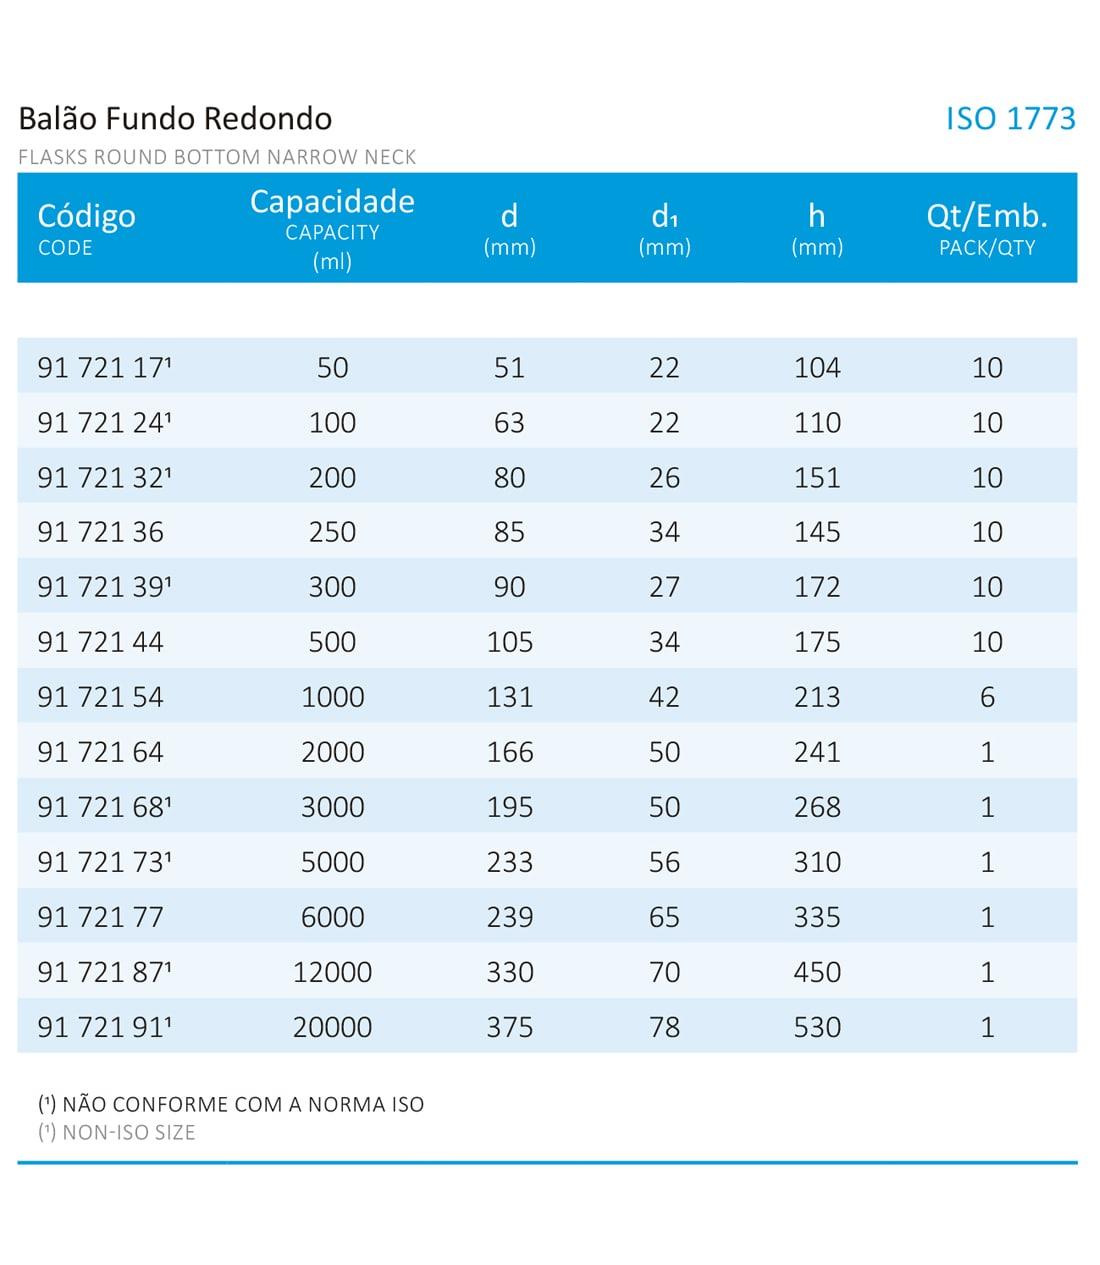 BALAO FDO. REDONDO 12000 ML - Laborglas - Cód. 9172187